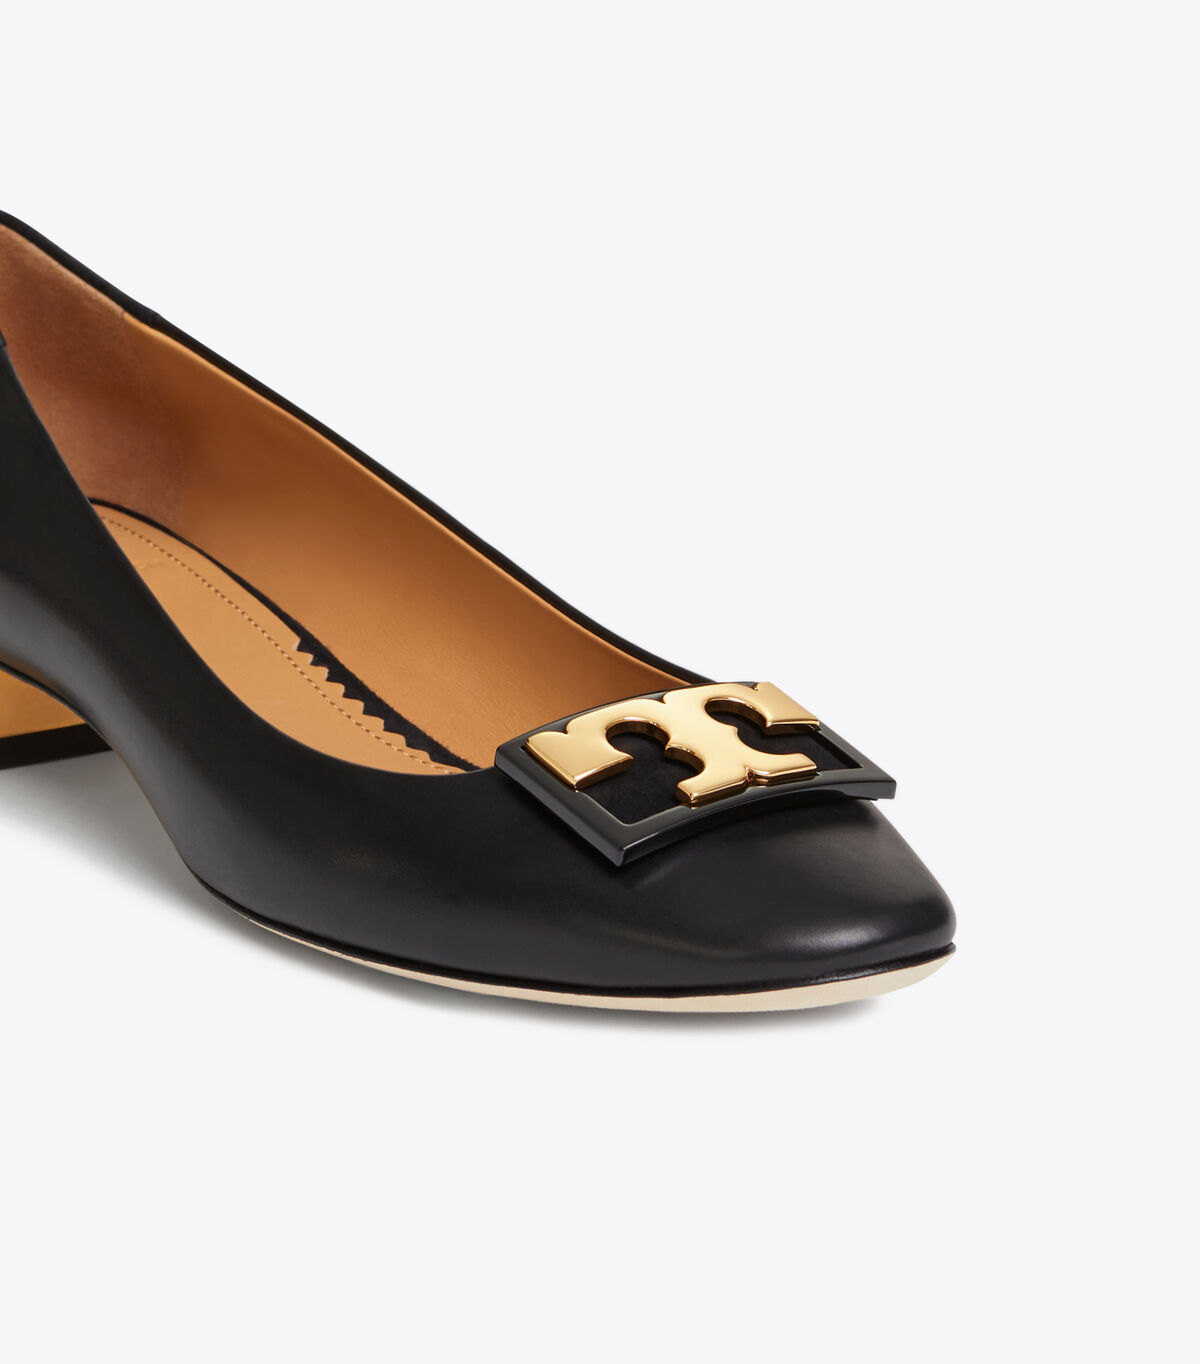 حذاء جيجي بكعب عريض 20 مم / 004/ أحذية باليرينا